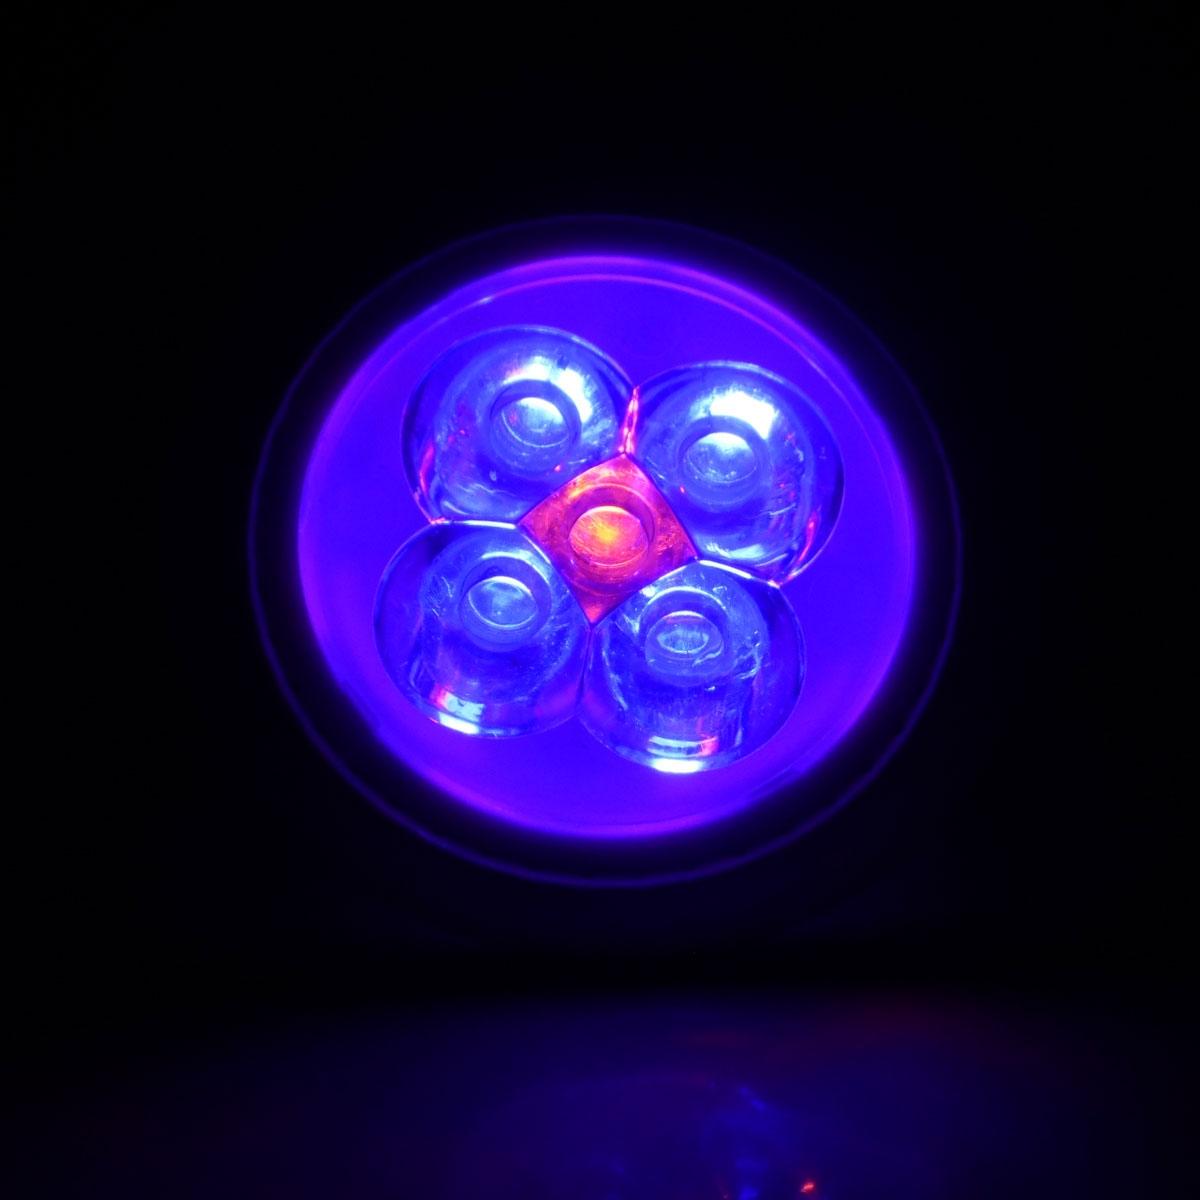 Eclairage led spot led croissance 15w 3 x 5w pistar - Eclairage spot led ...